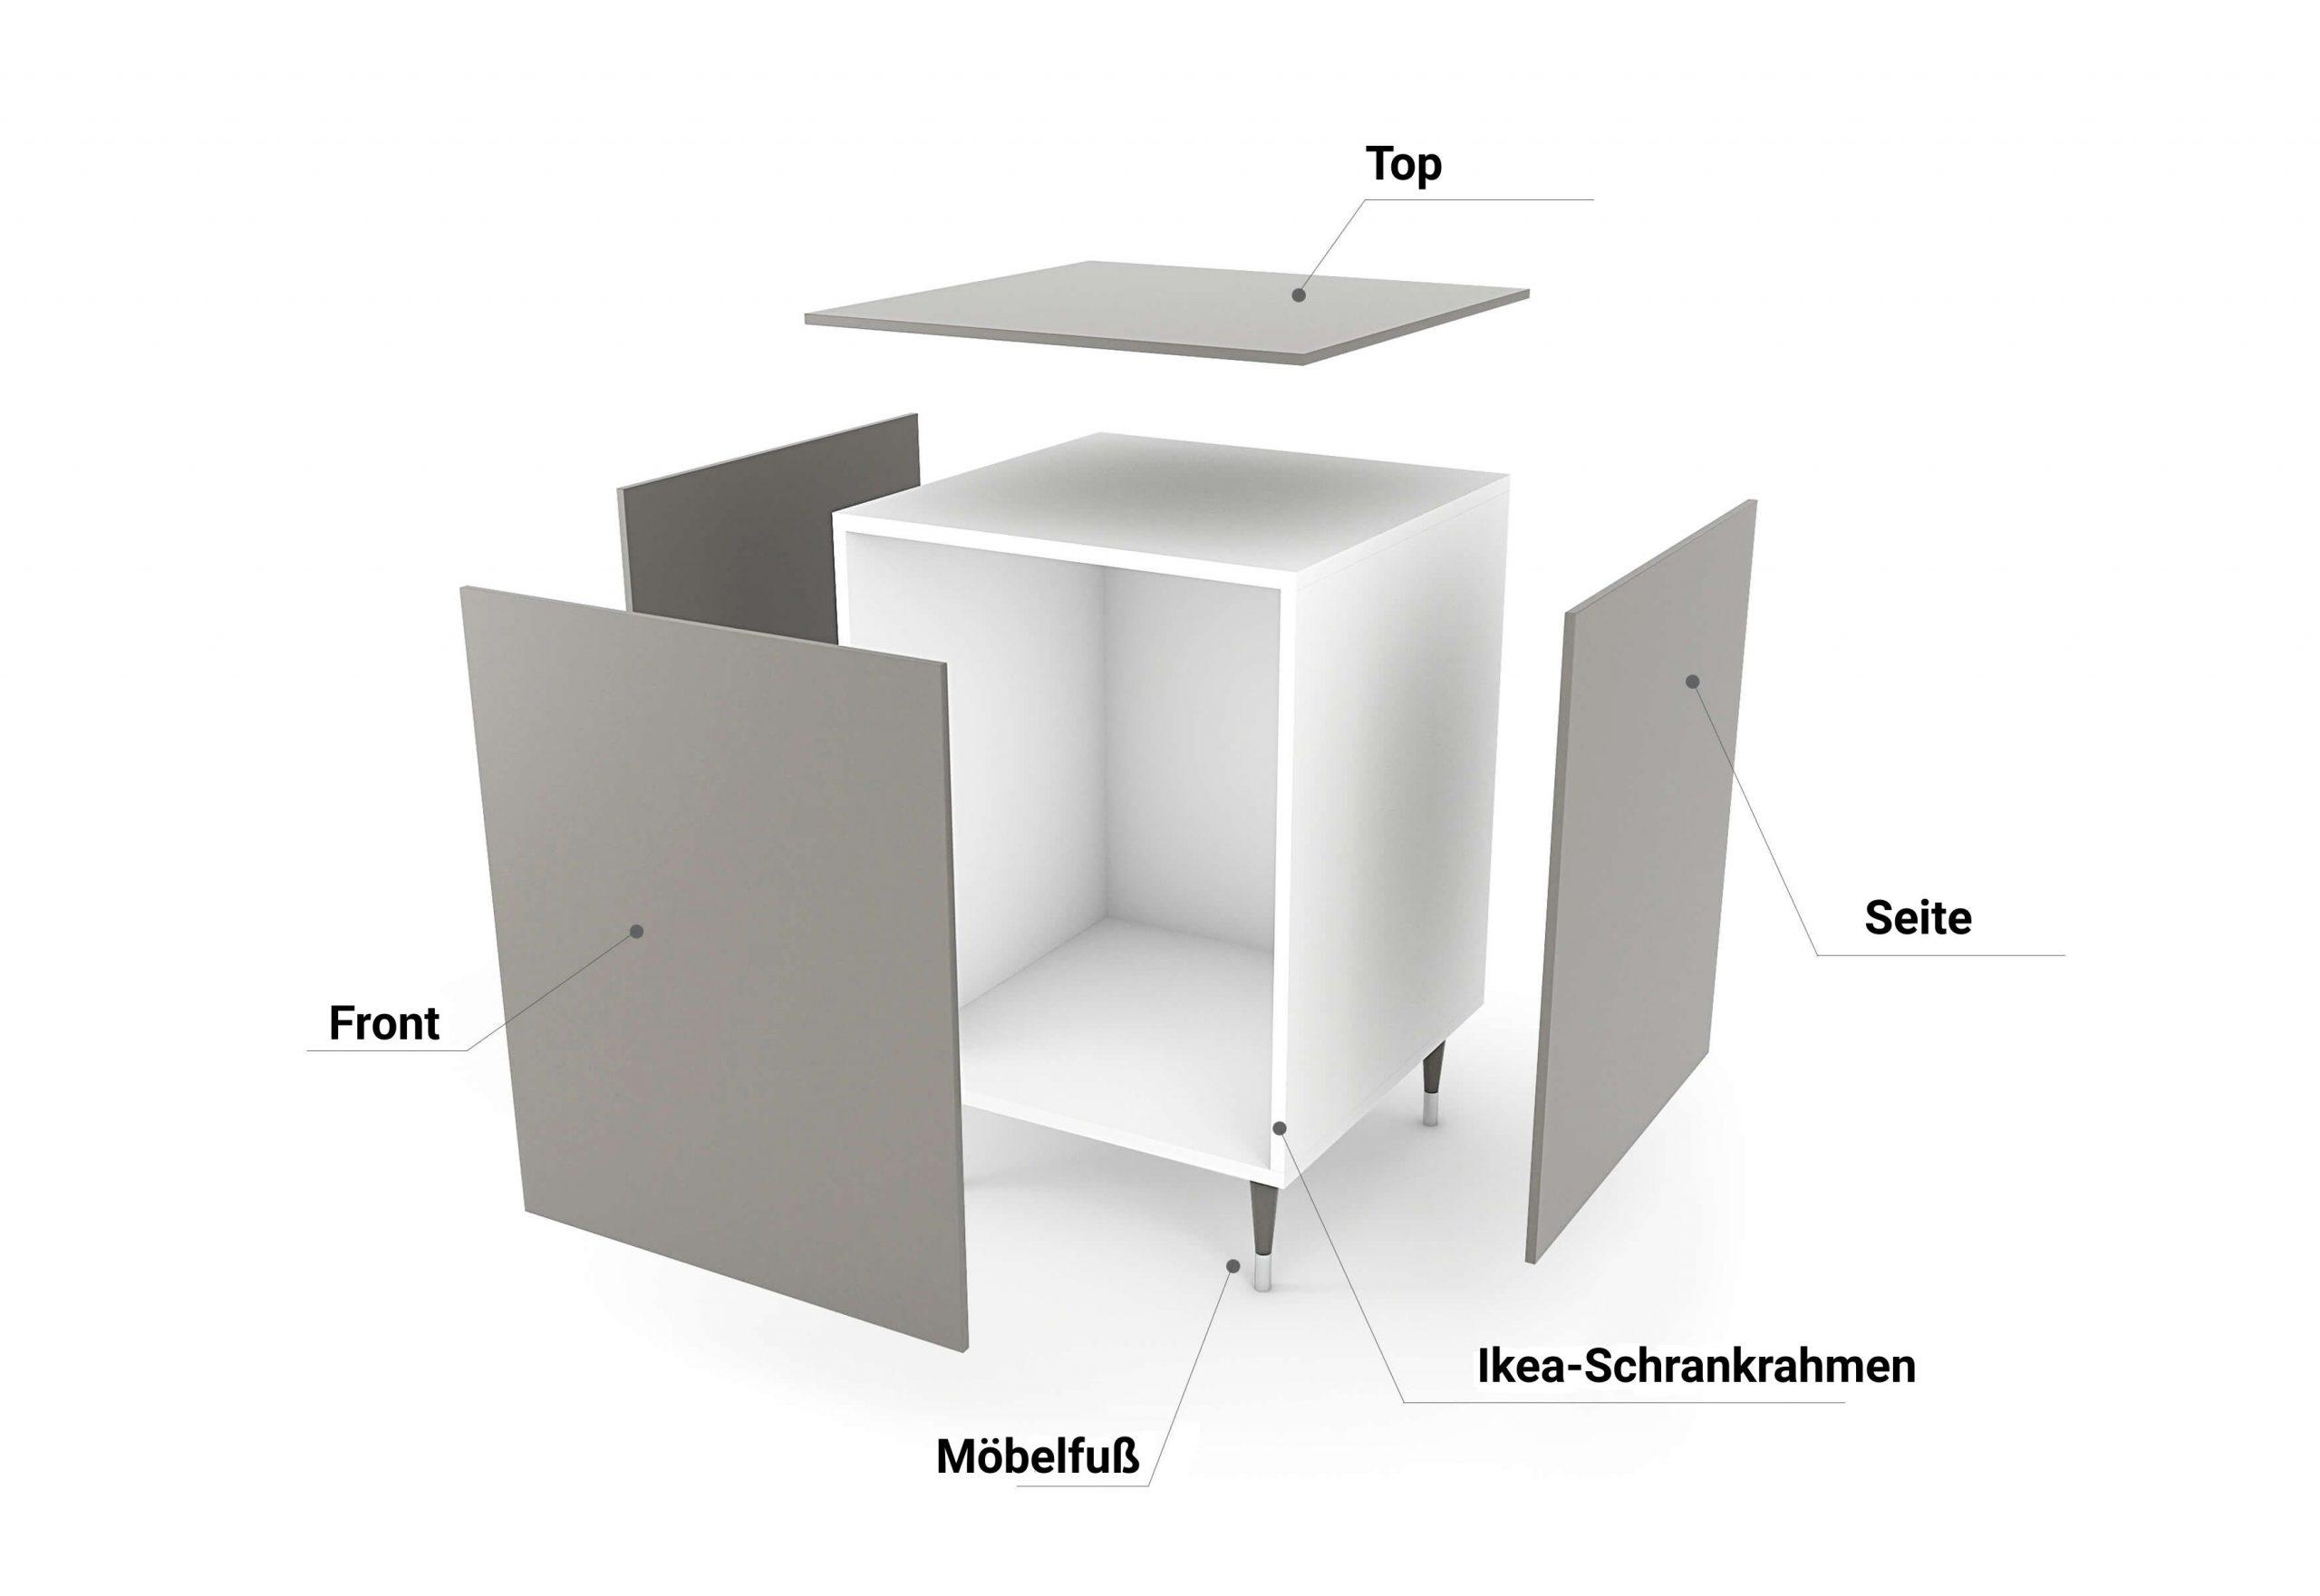 Ikea Rahmen